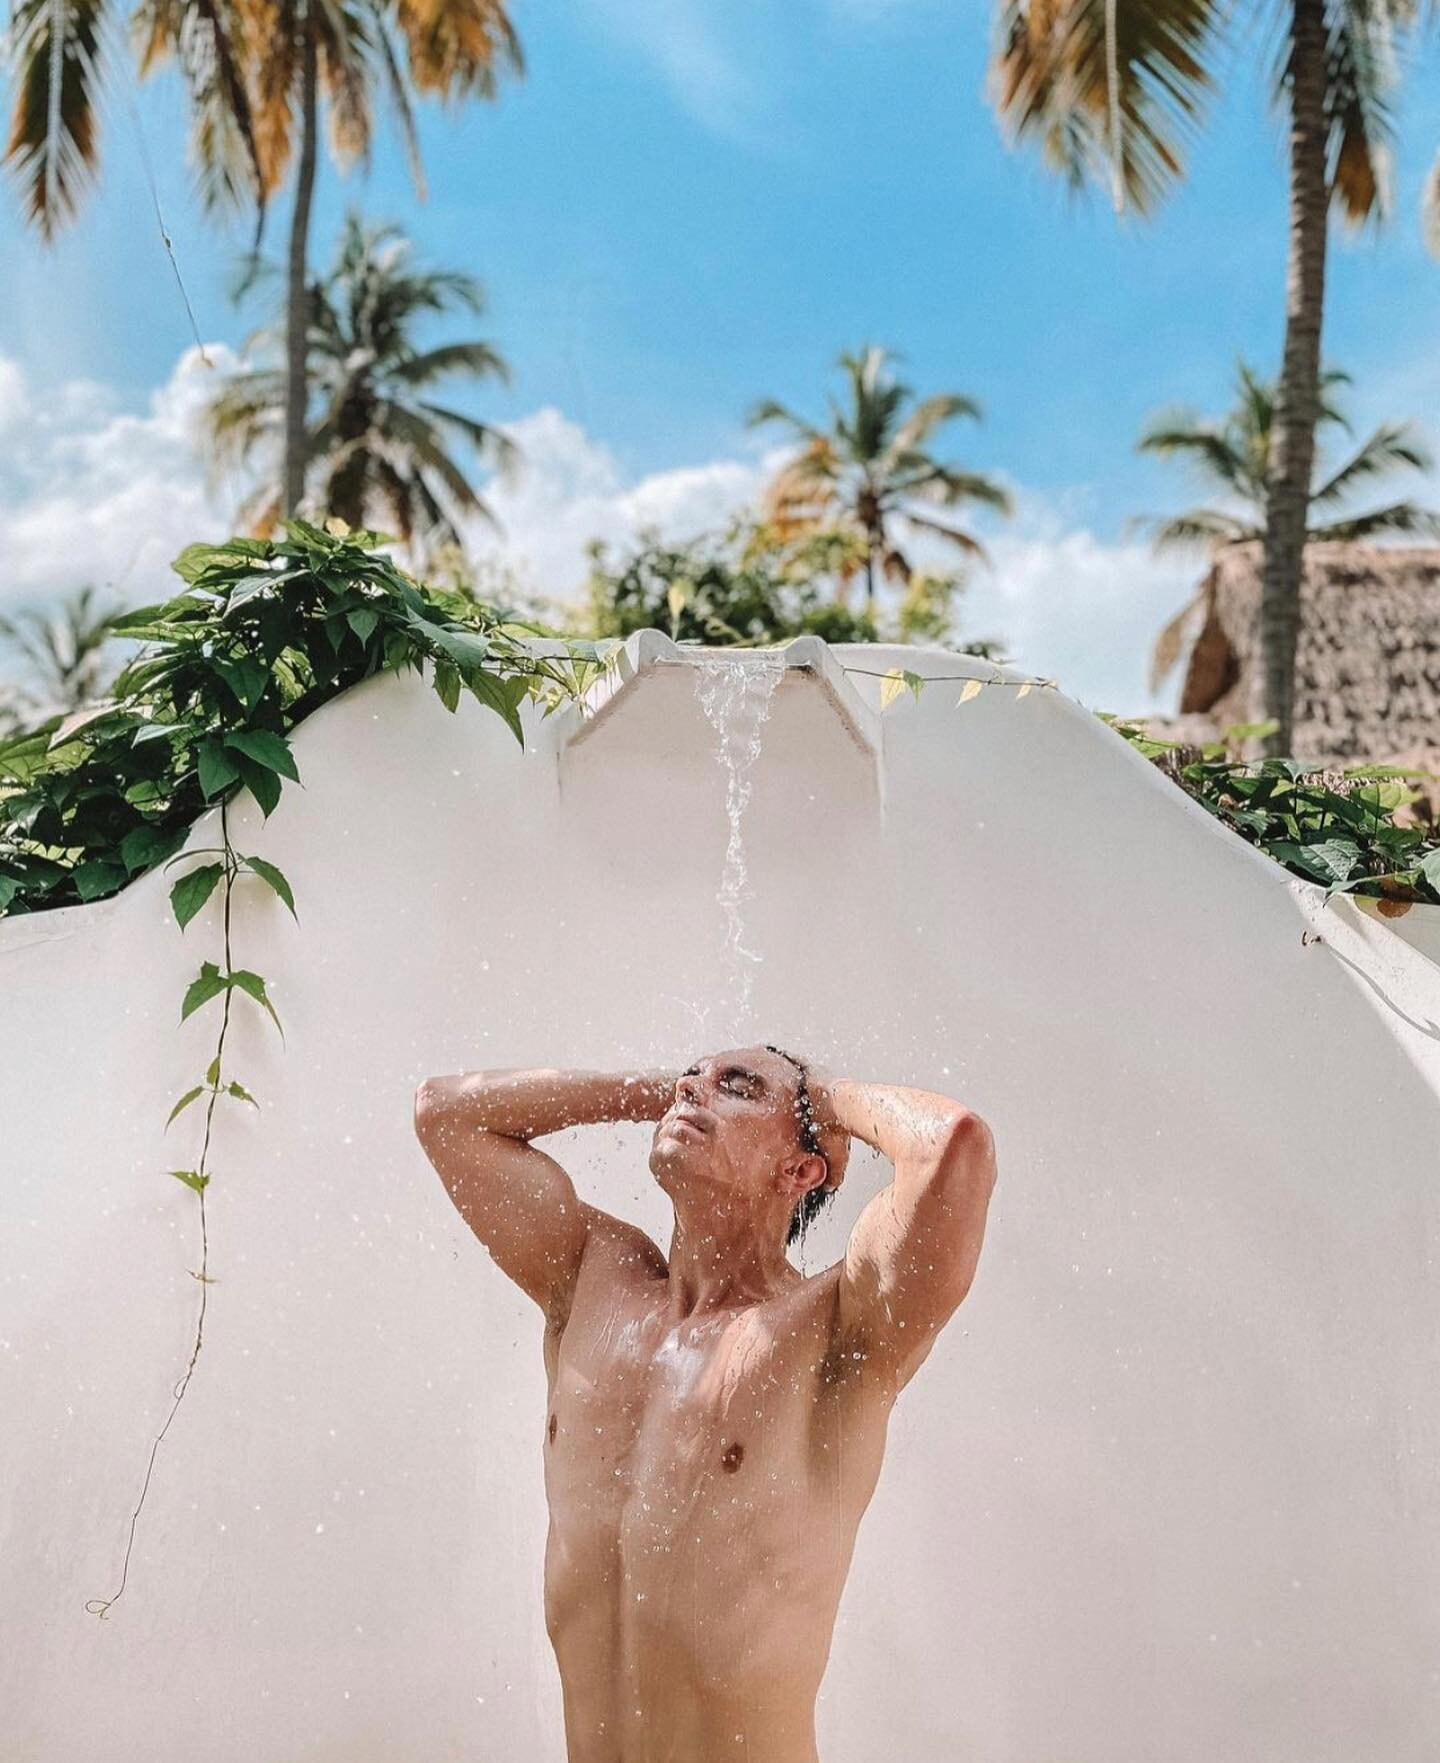 Buenos Días ☀️ Rise & Shine... Nada cómo empezar el día con una ducha de sol al aire libre  🚿☀️🌴 . outdoor jungle shower dreams at @gitanadelmarbeachresort  . . 📸 @camiloherreraph  #gitanadelmar #sunshower #outdoorshower #jungleshower #goodmorning #buenosdias #tropicalparadise #naturehotel #boutiquehotel #wellness #renew #recharge #connecttonature